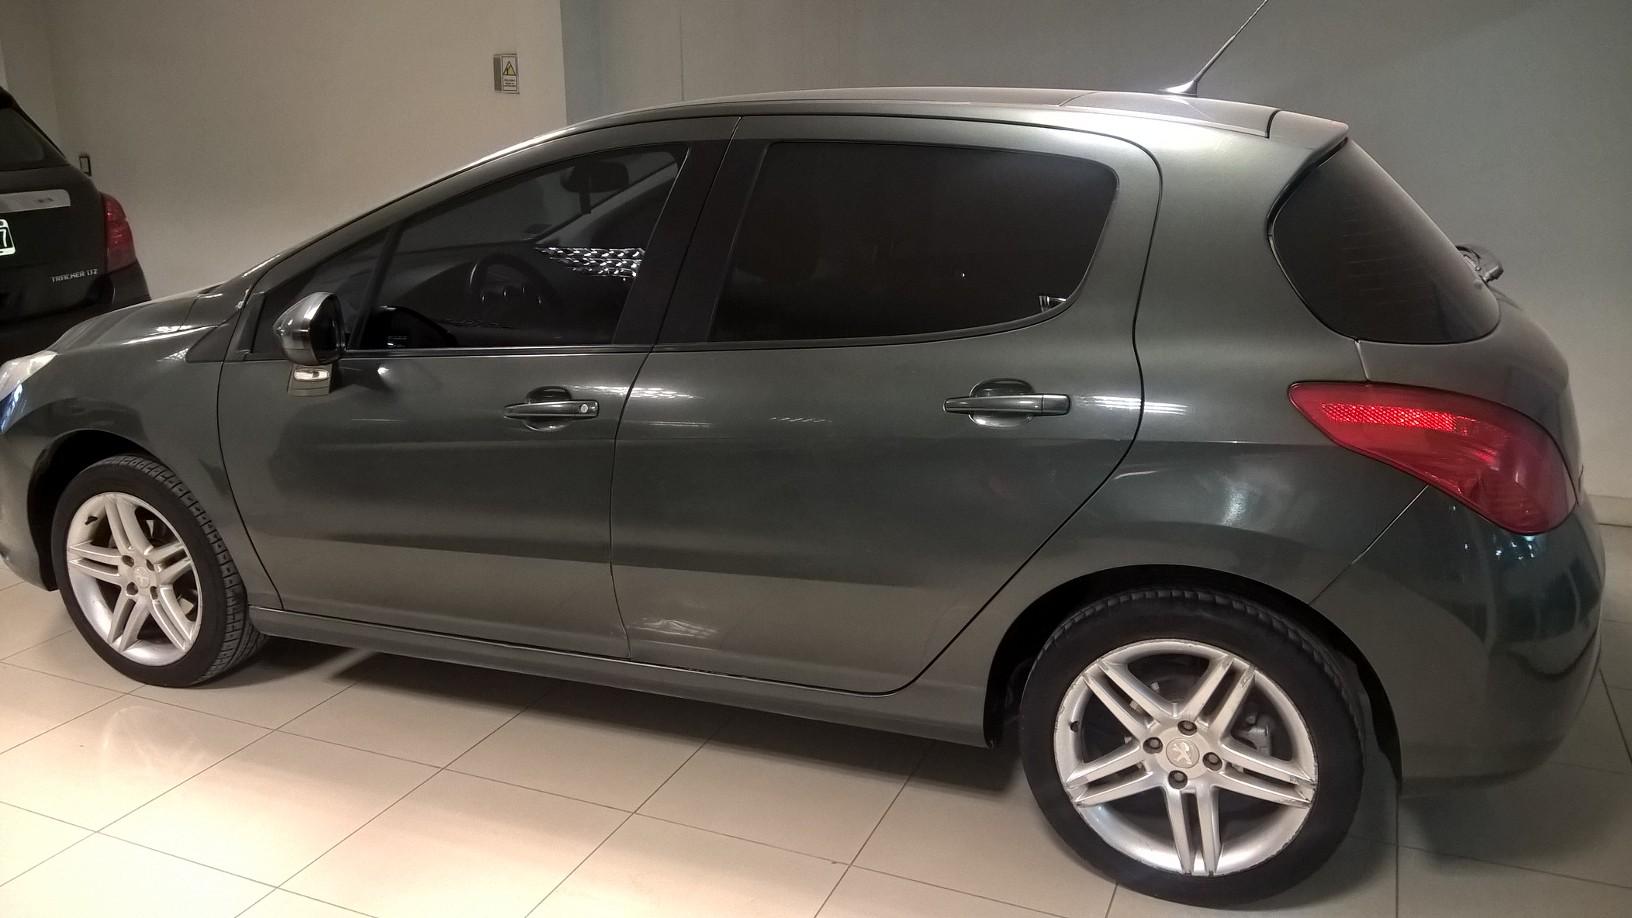 2012 Peugeot 308 2,0 16v